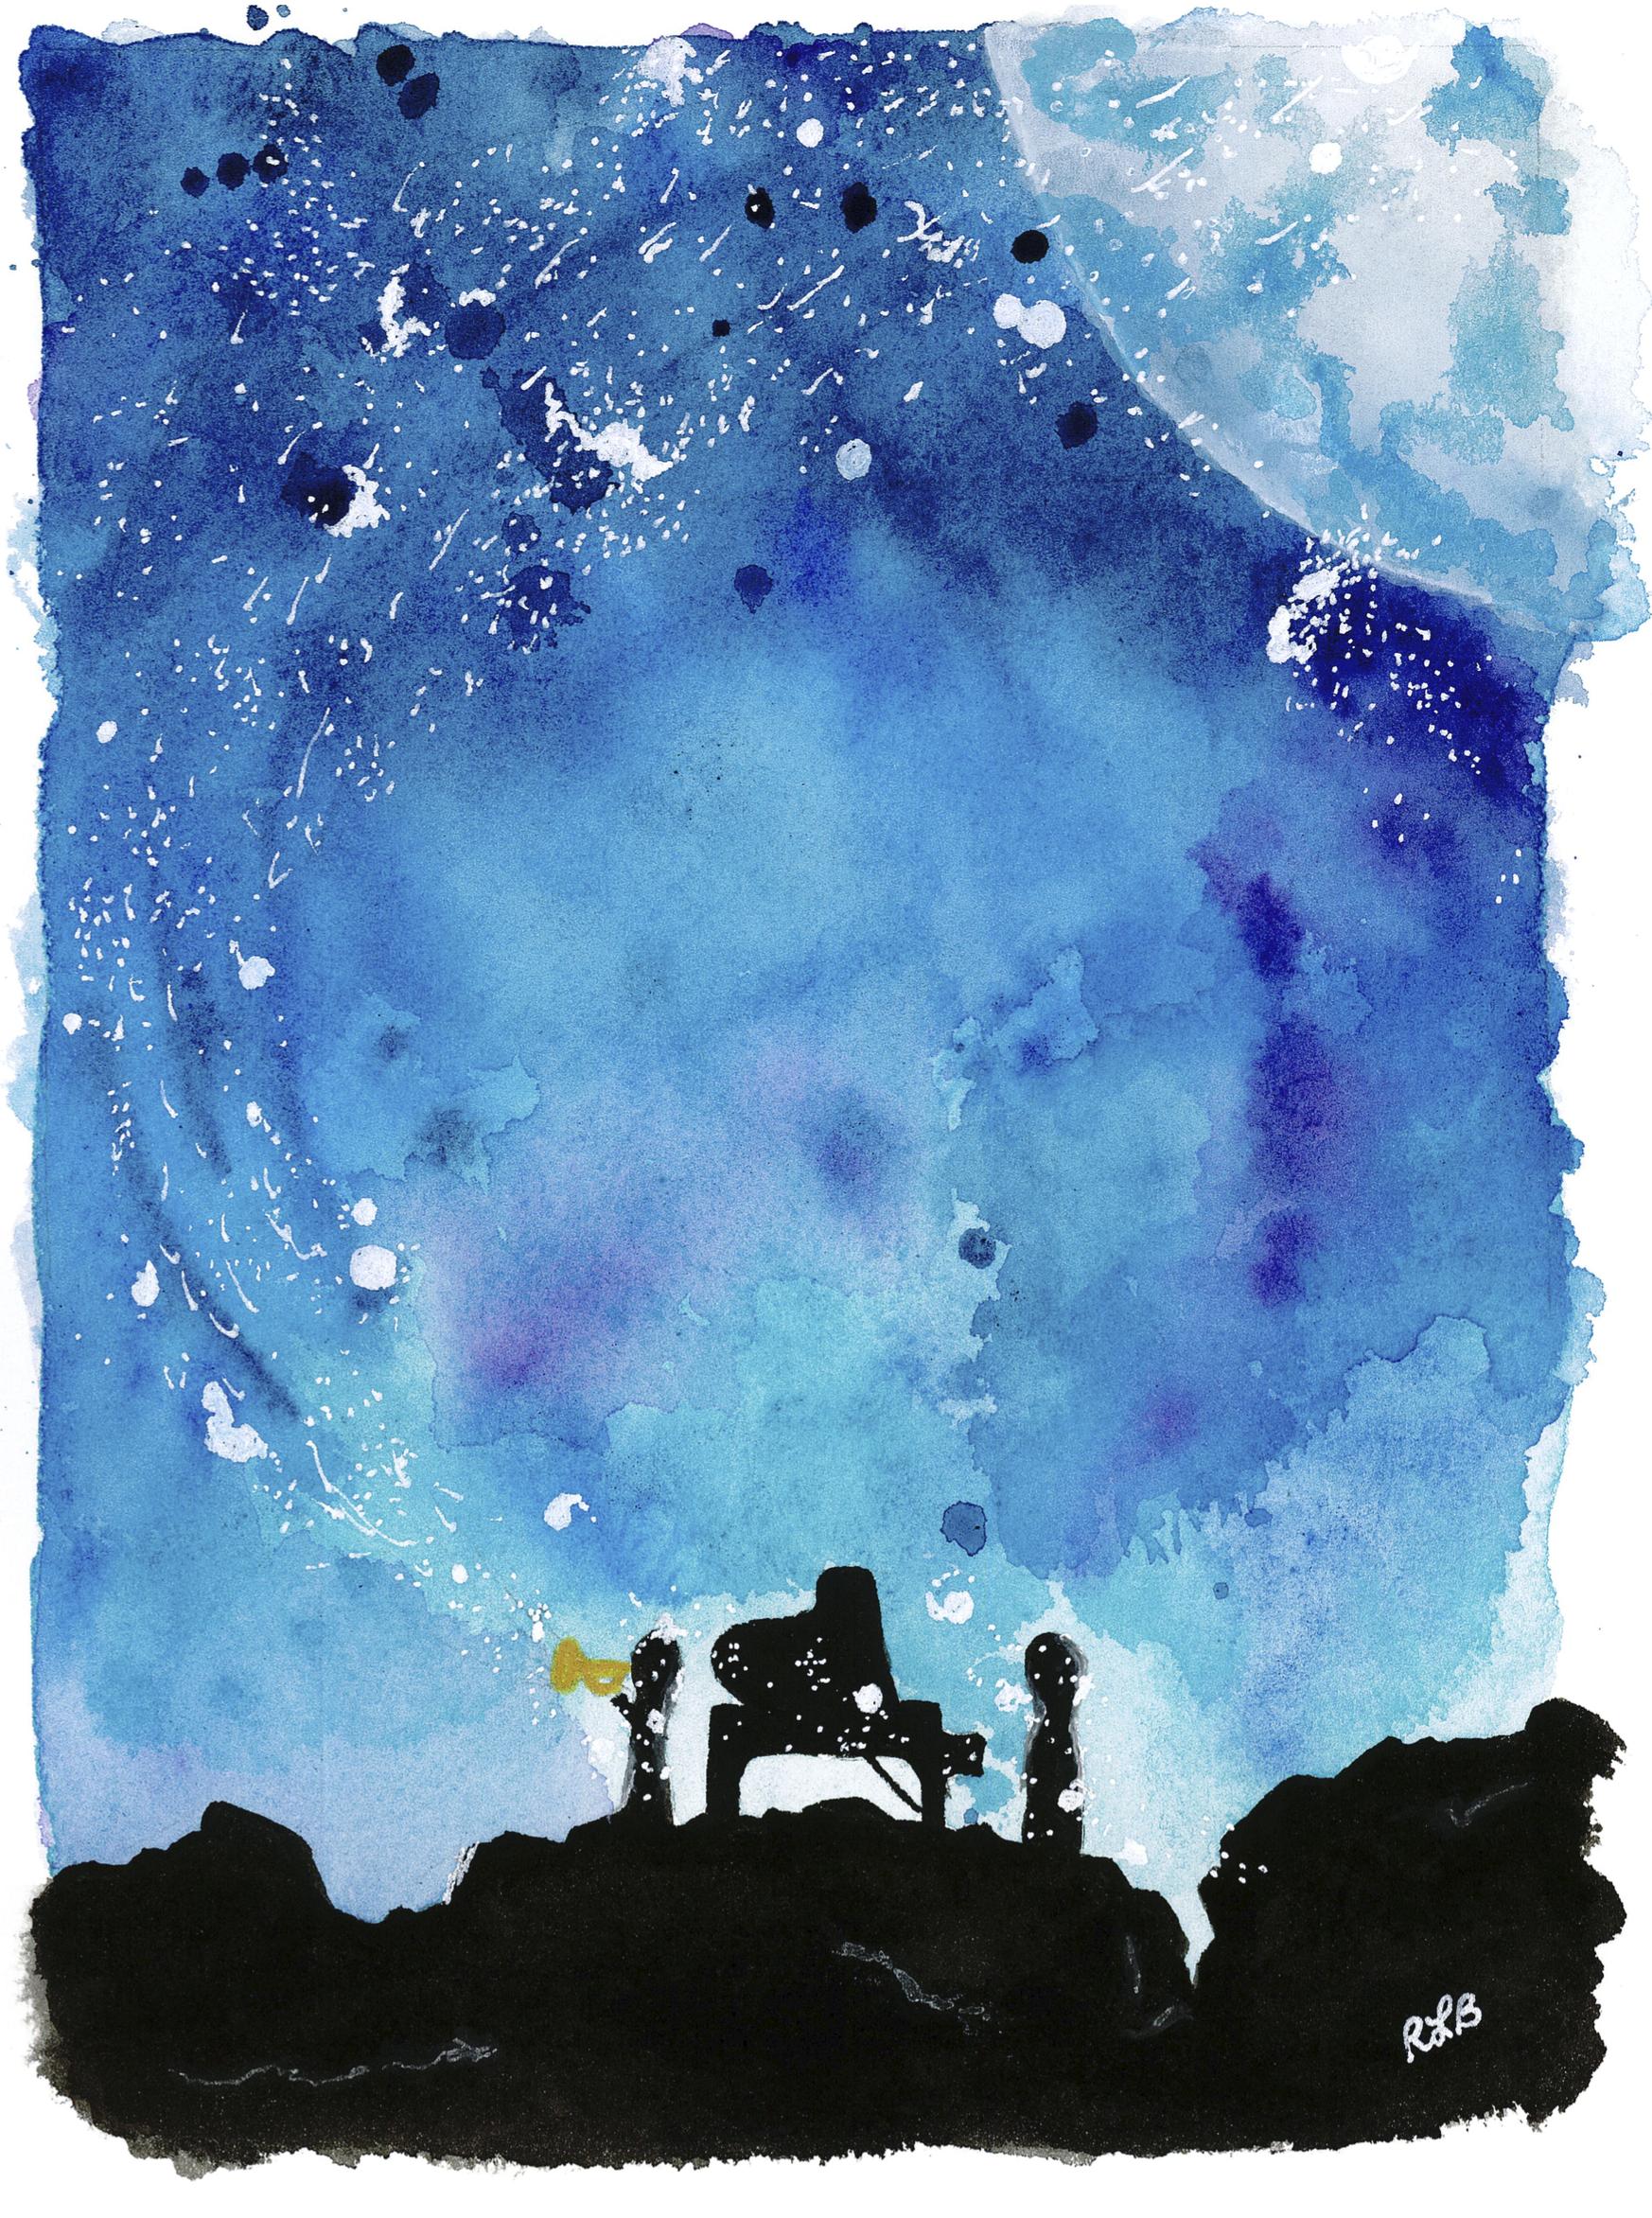 Illustration by Becky Bogart